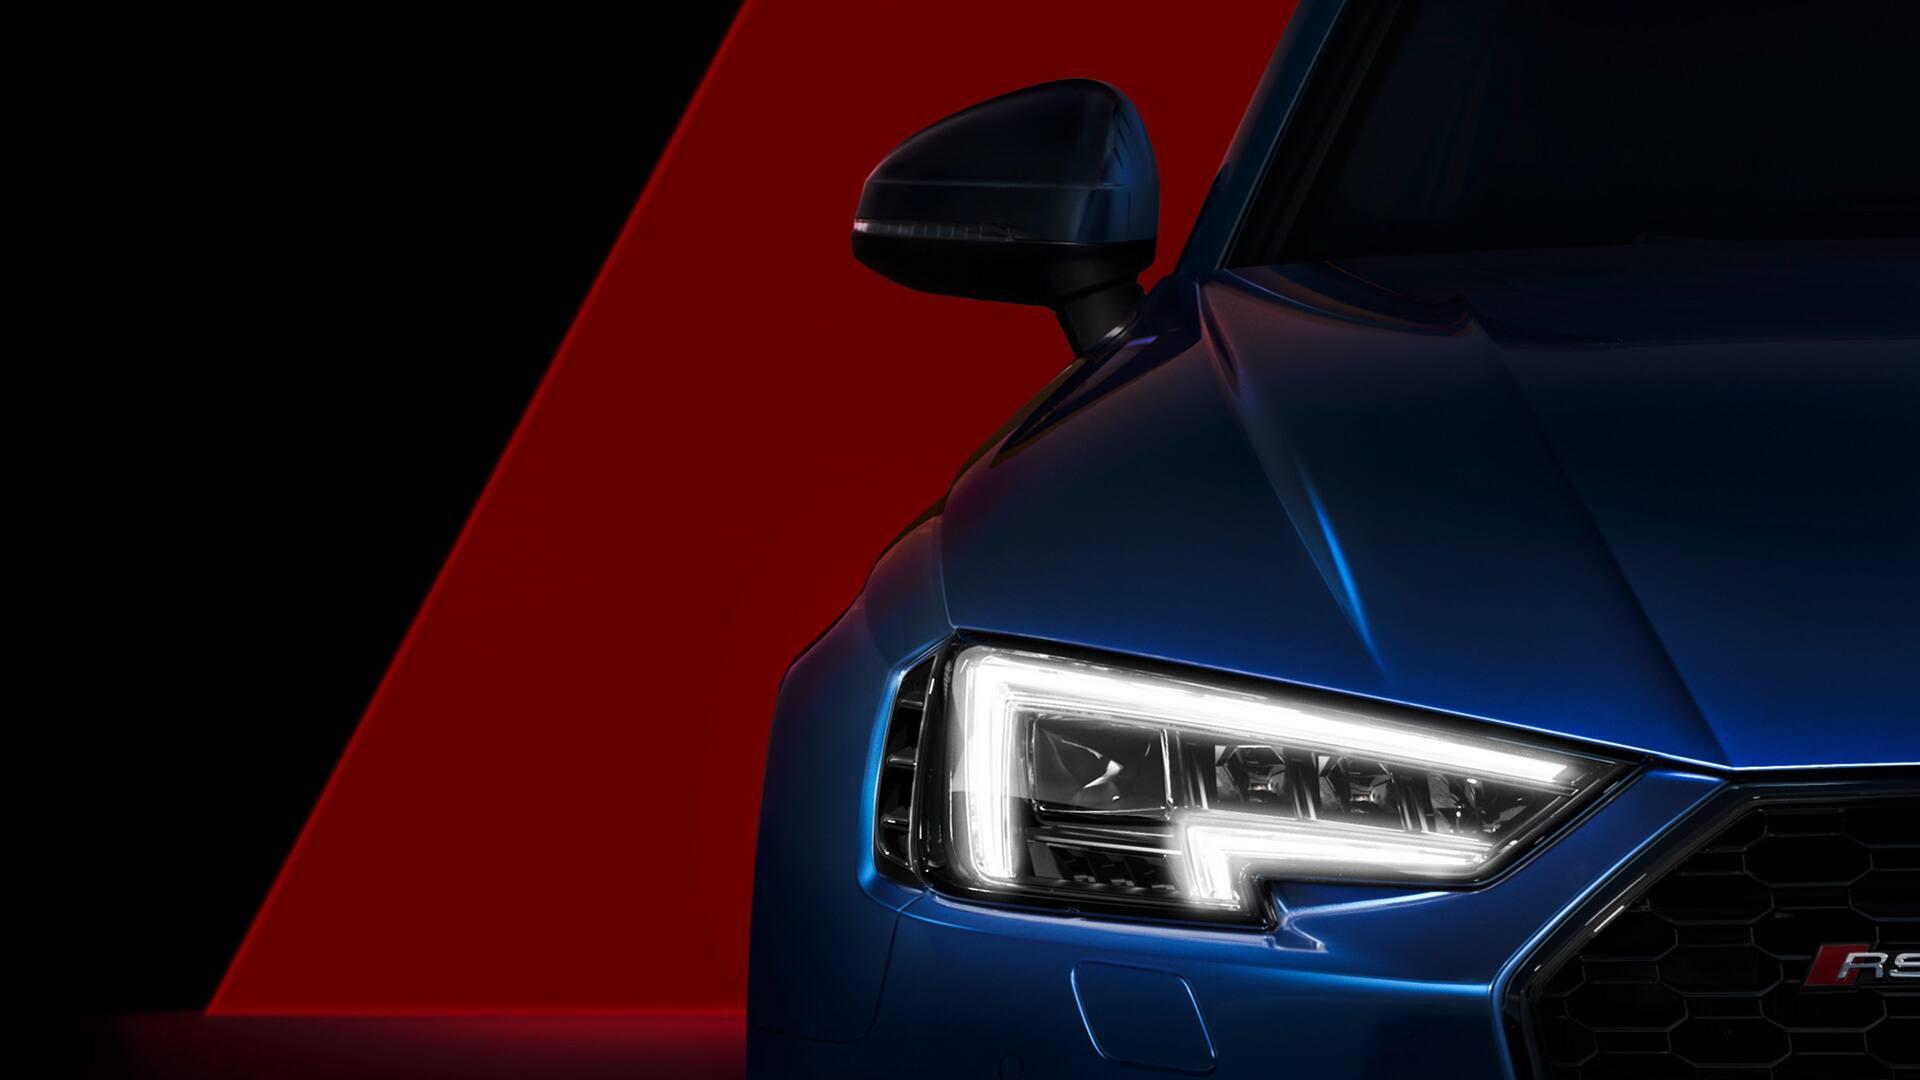 Die optionalen Audi Matrix LED-Scheinwerfer mit dynamischem Blinklicht zeugen von der Kraft des Audi RS 4 Avant.